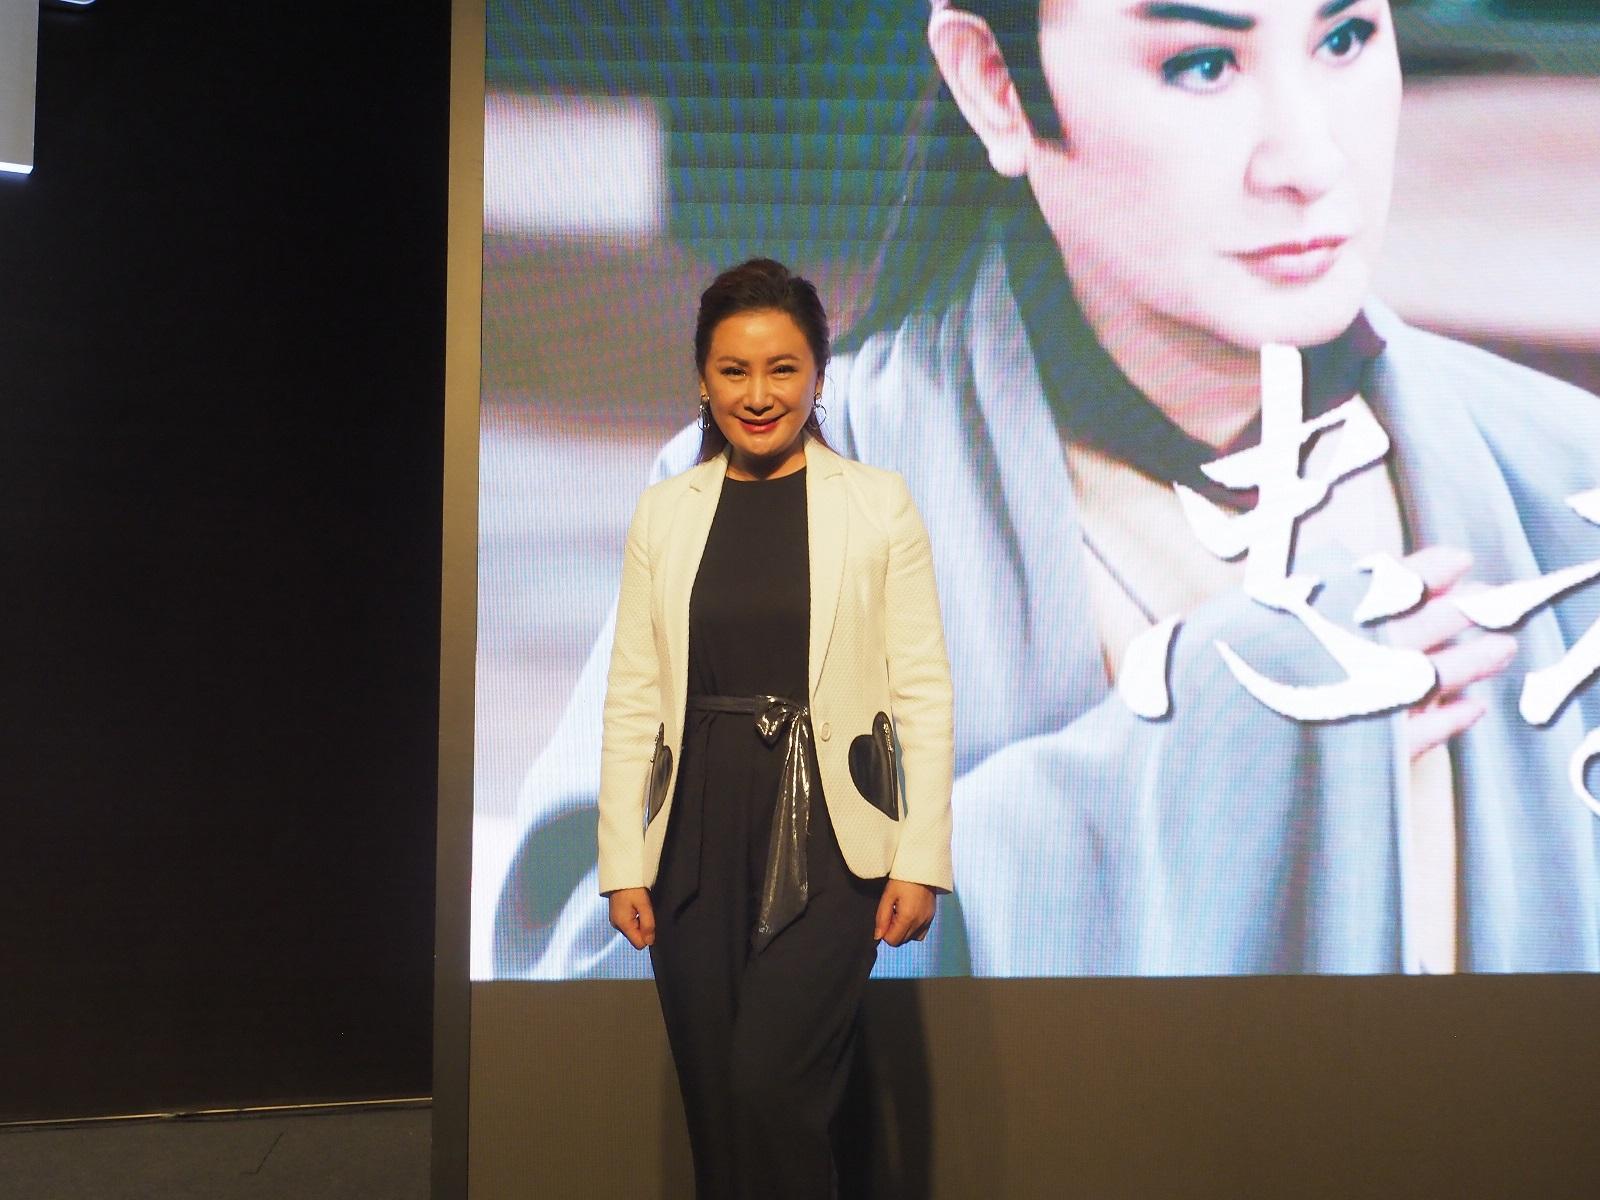 陳亞蘭代表台灣電視作品《忠孝節義》劇組出席推廣會-縮小.jpg